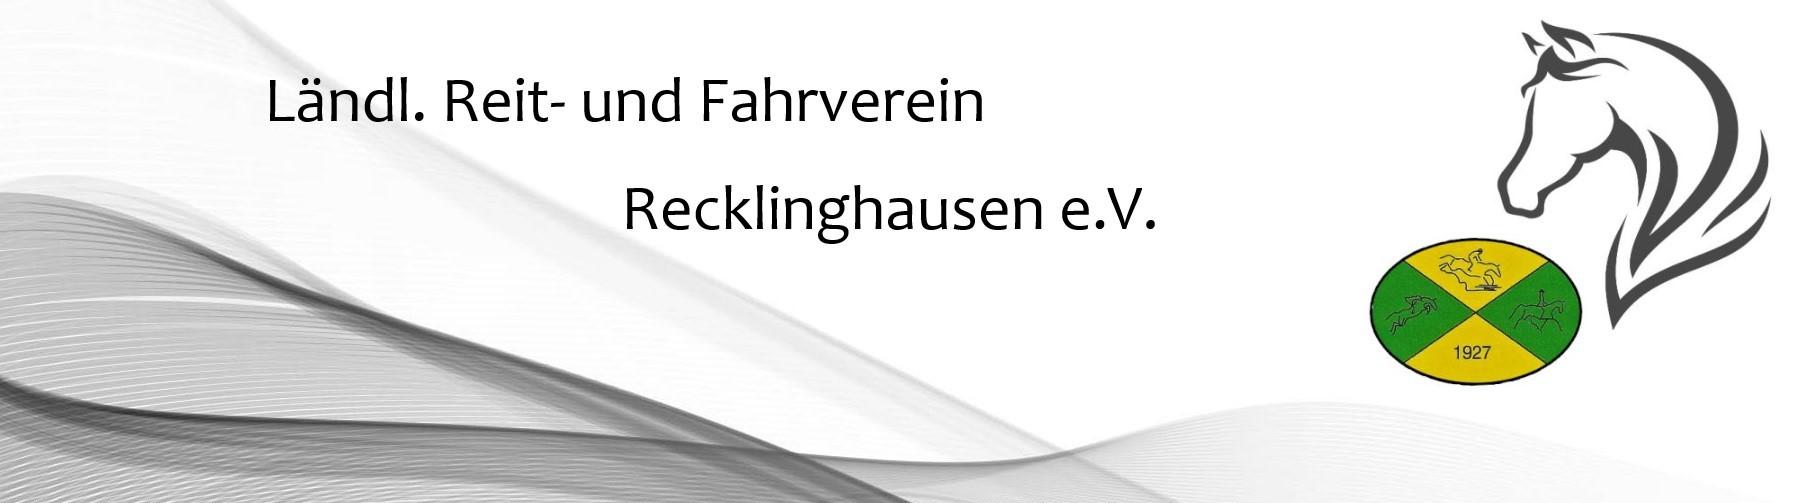 Ländlicher Reit- und Fahrverein Recklinghausen e.V.